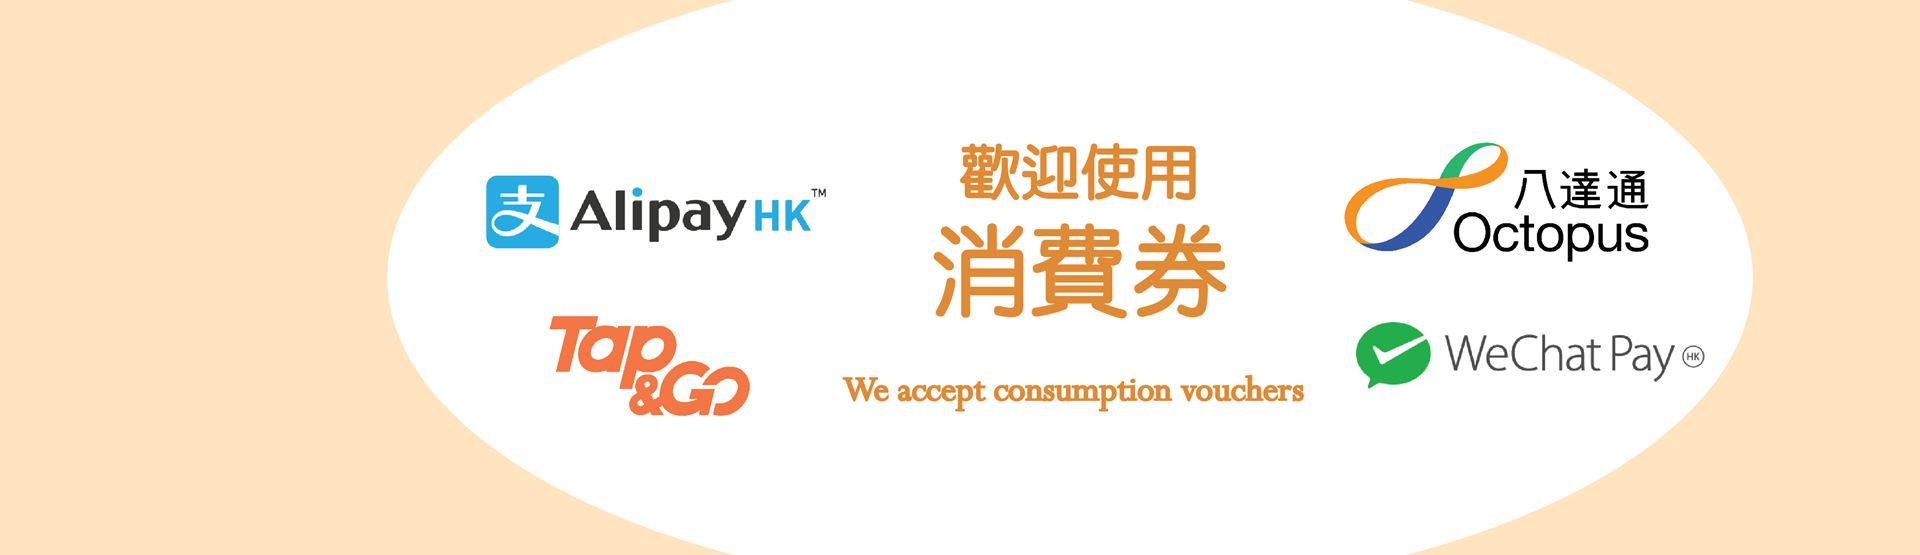 We accept consumption vouchers